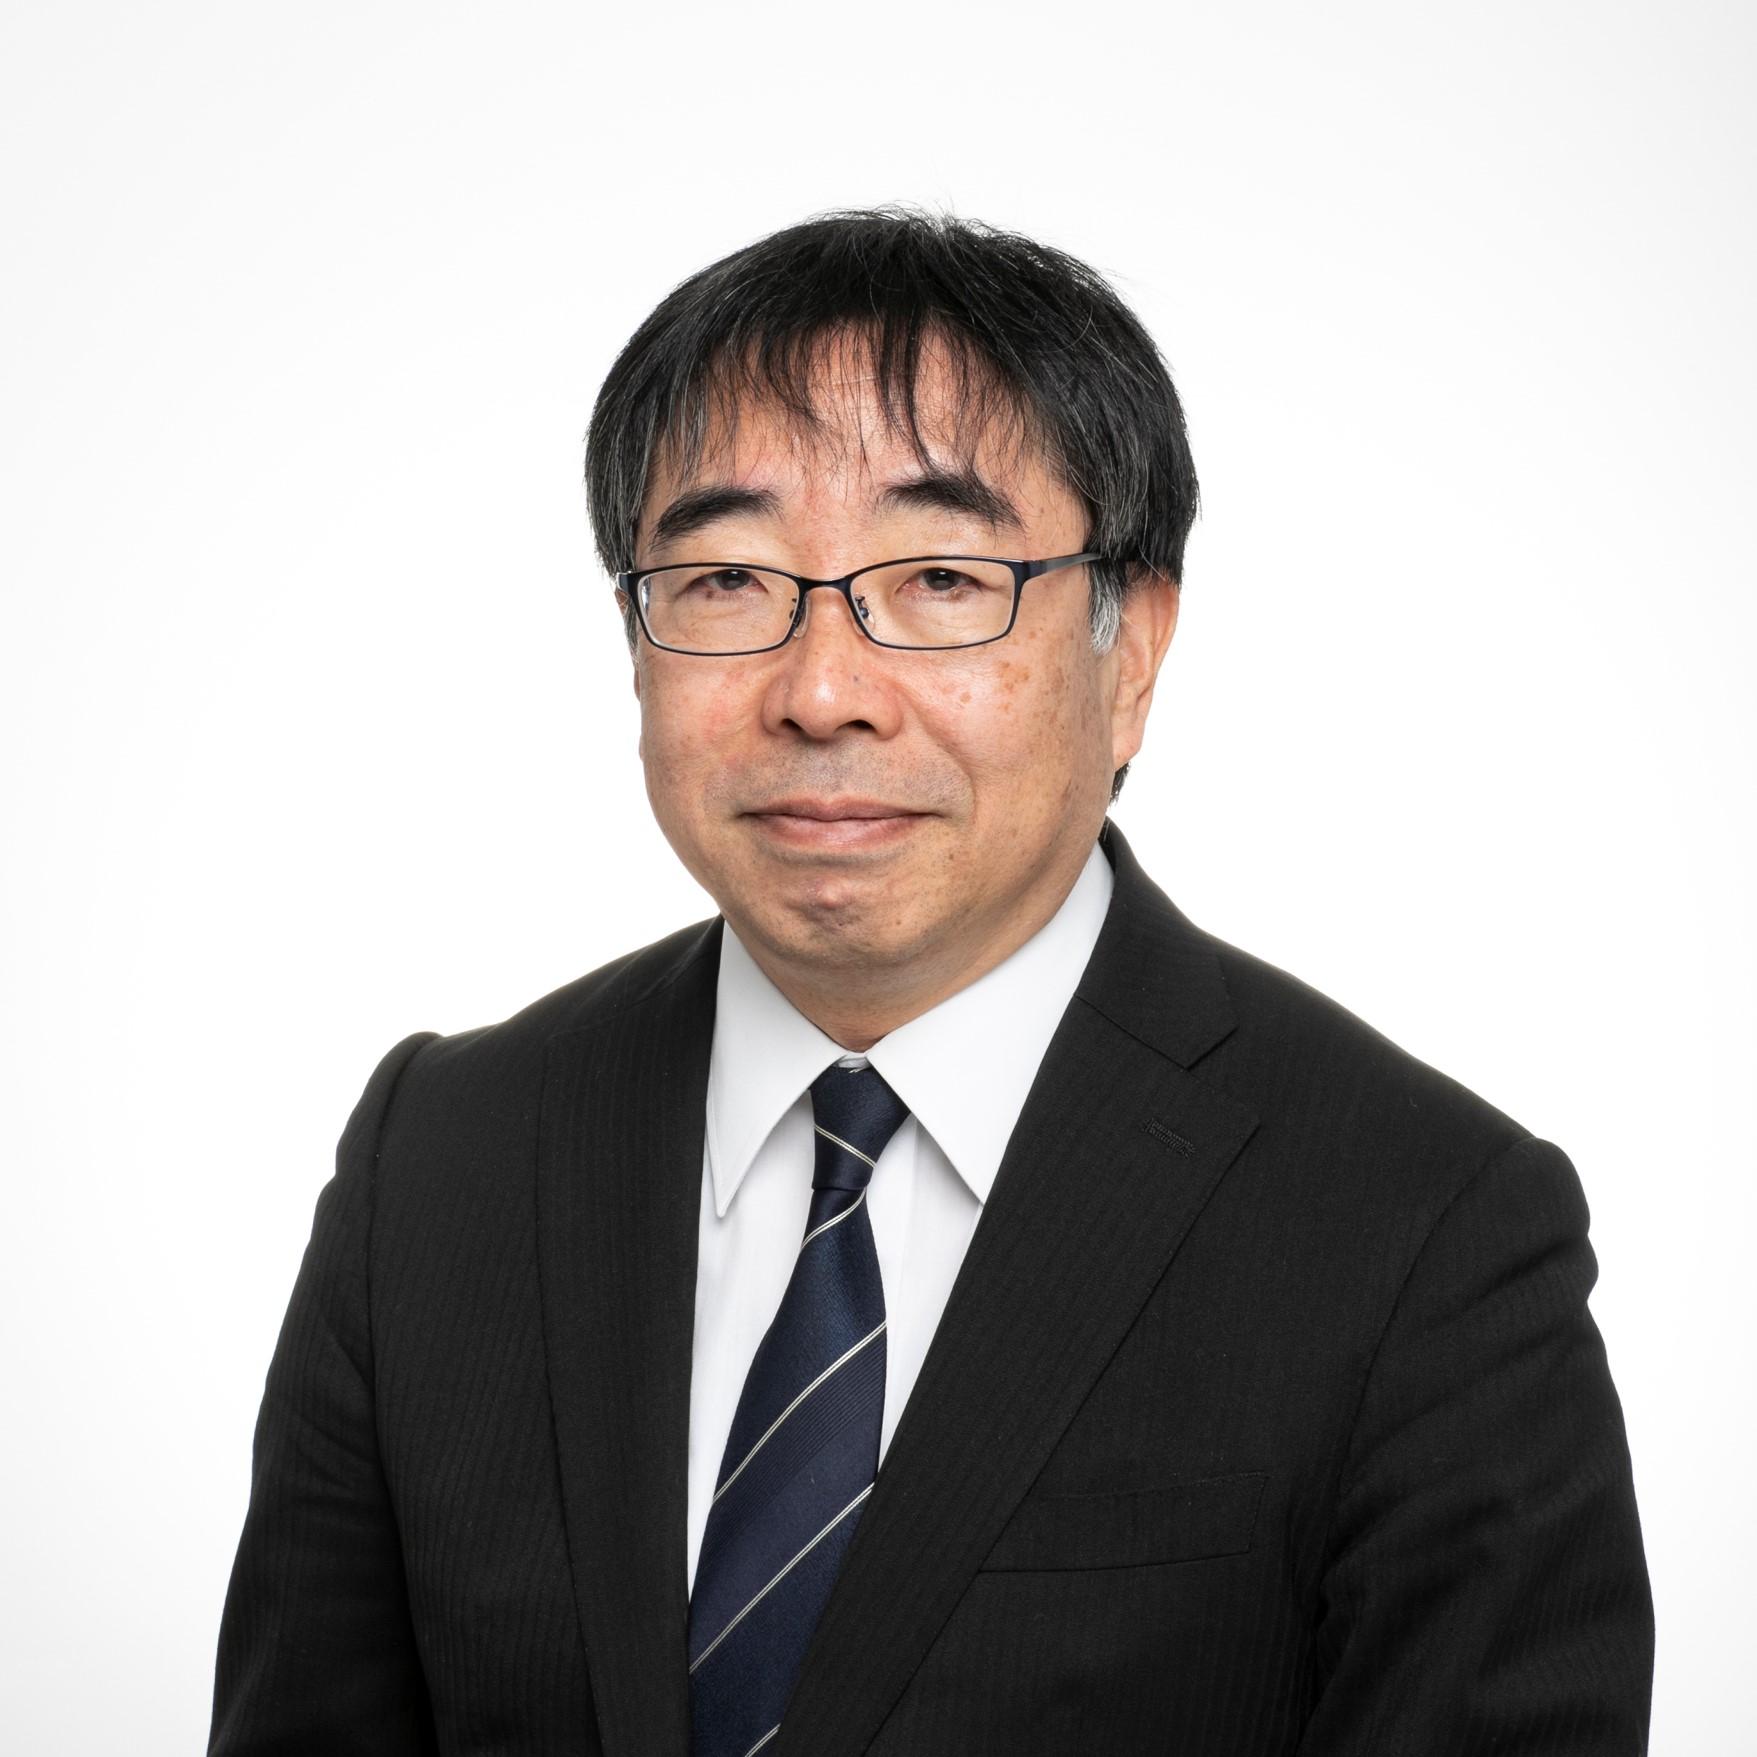 Haruji Asano